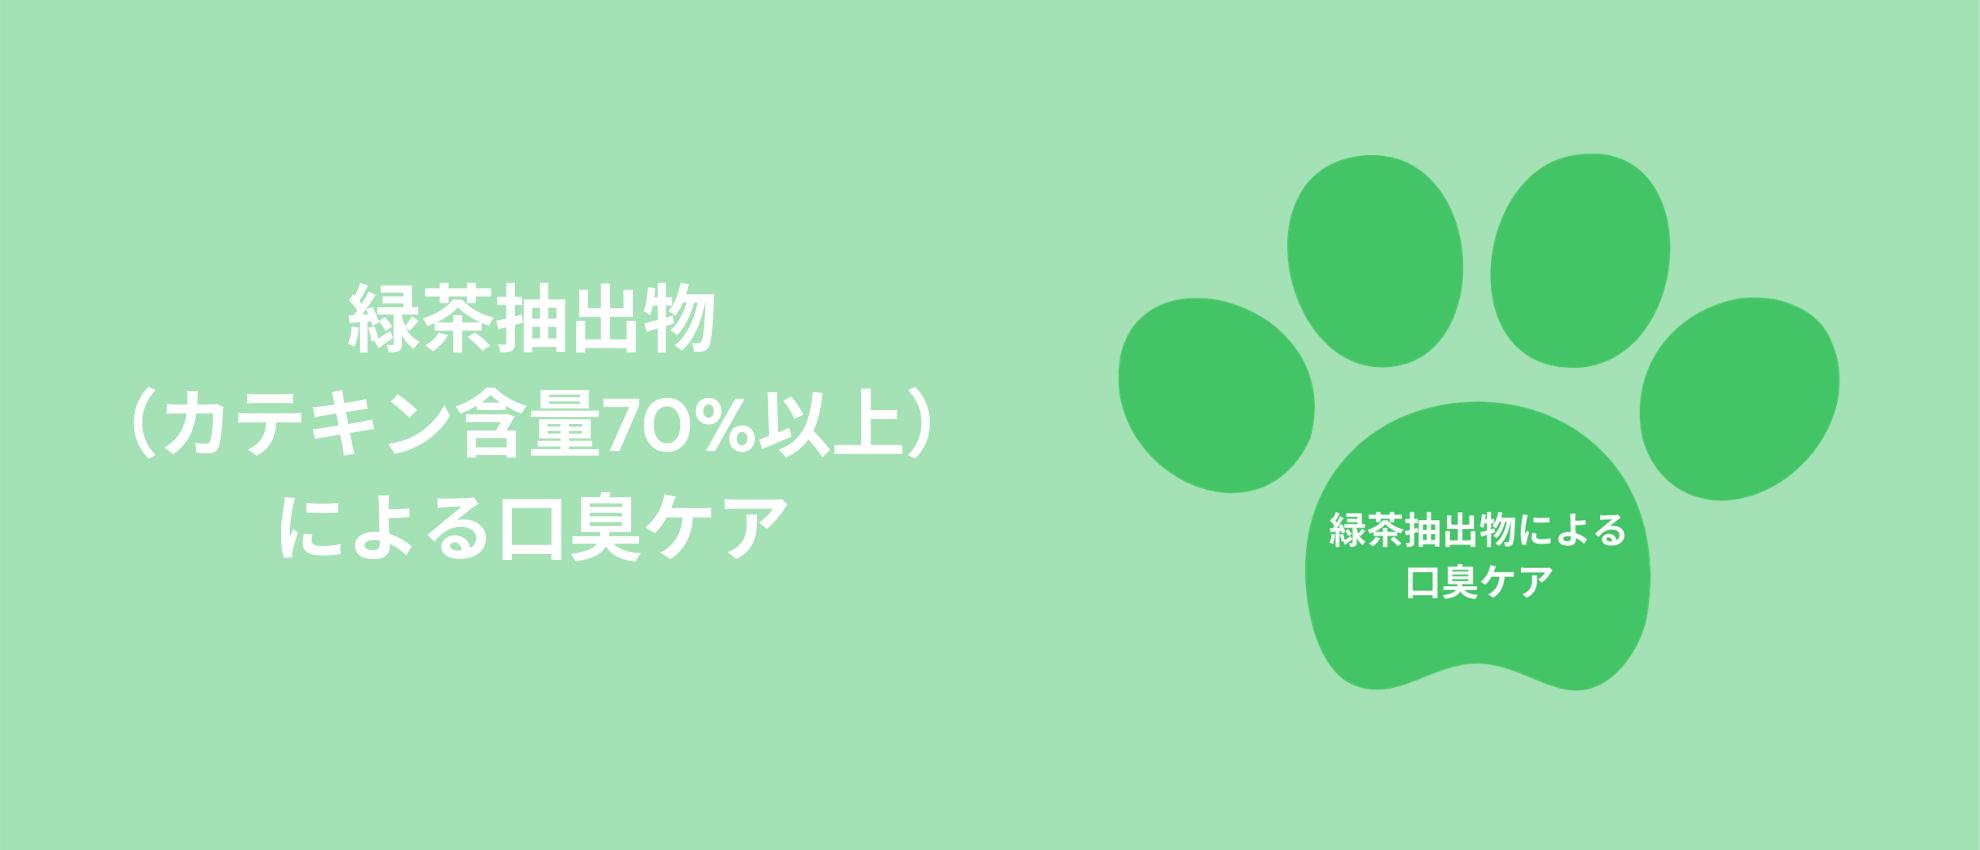 緑茶抽出物(カテキン含有70%以上)による口臭ケア